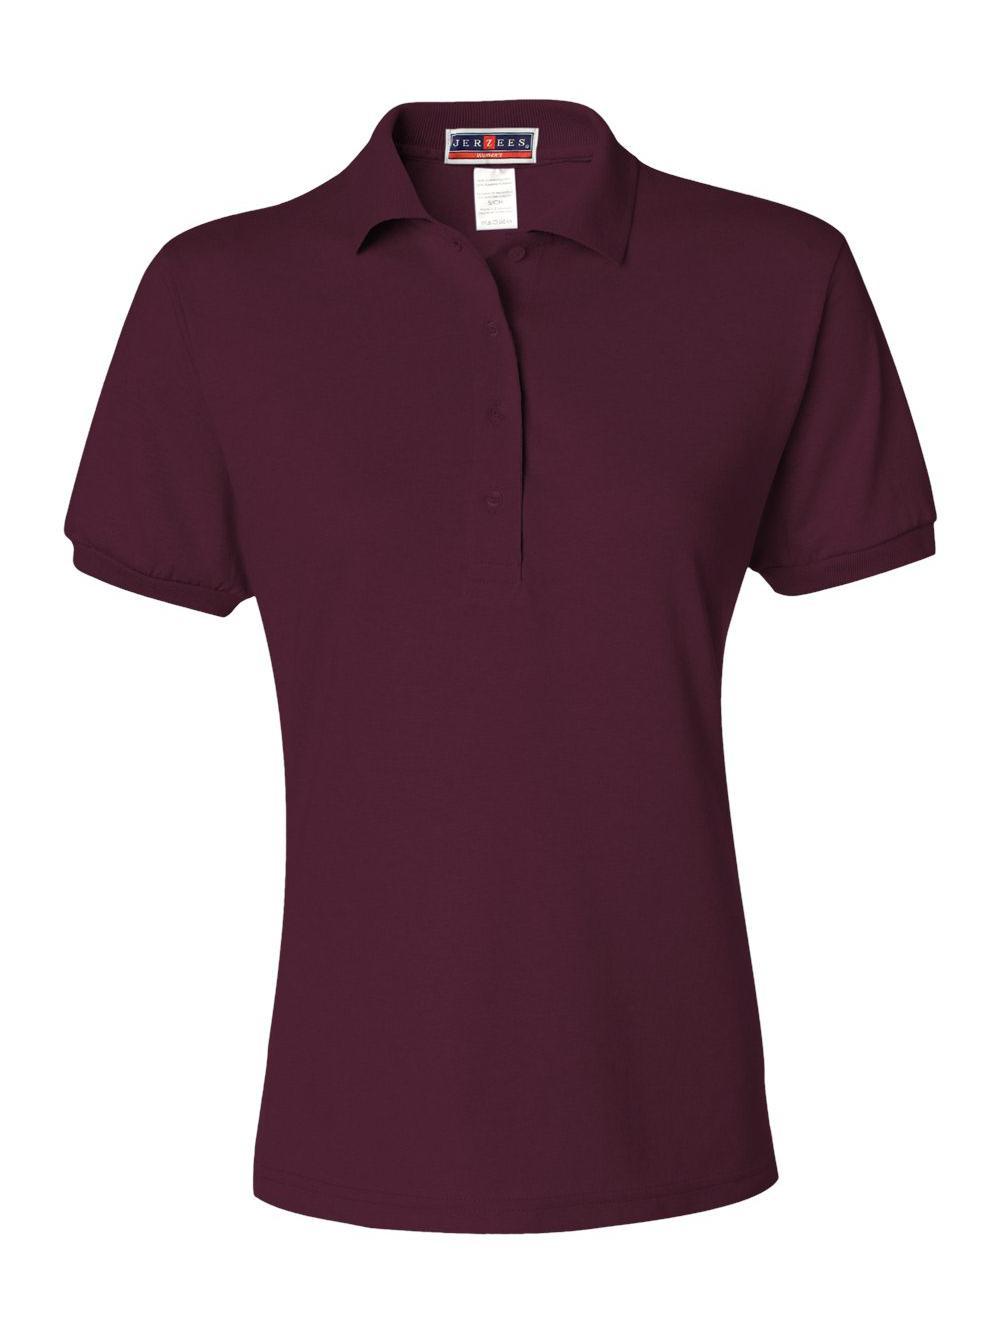 Jerzees-Women-039-s-Spotshield-50-50-Sport-Shirt-437WR thumbnail 24